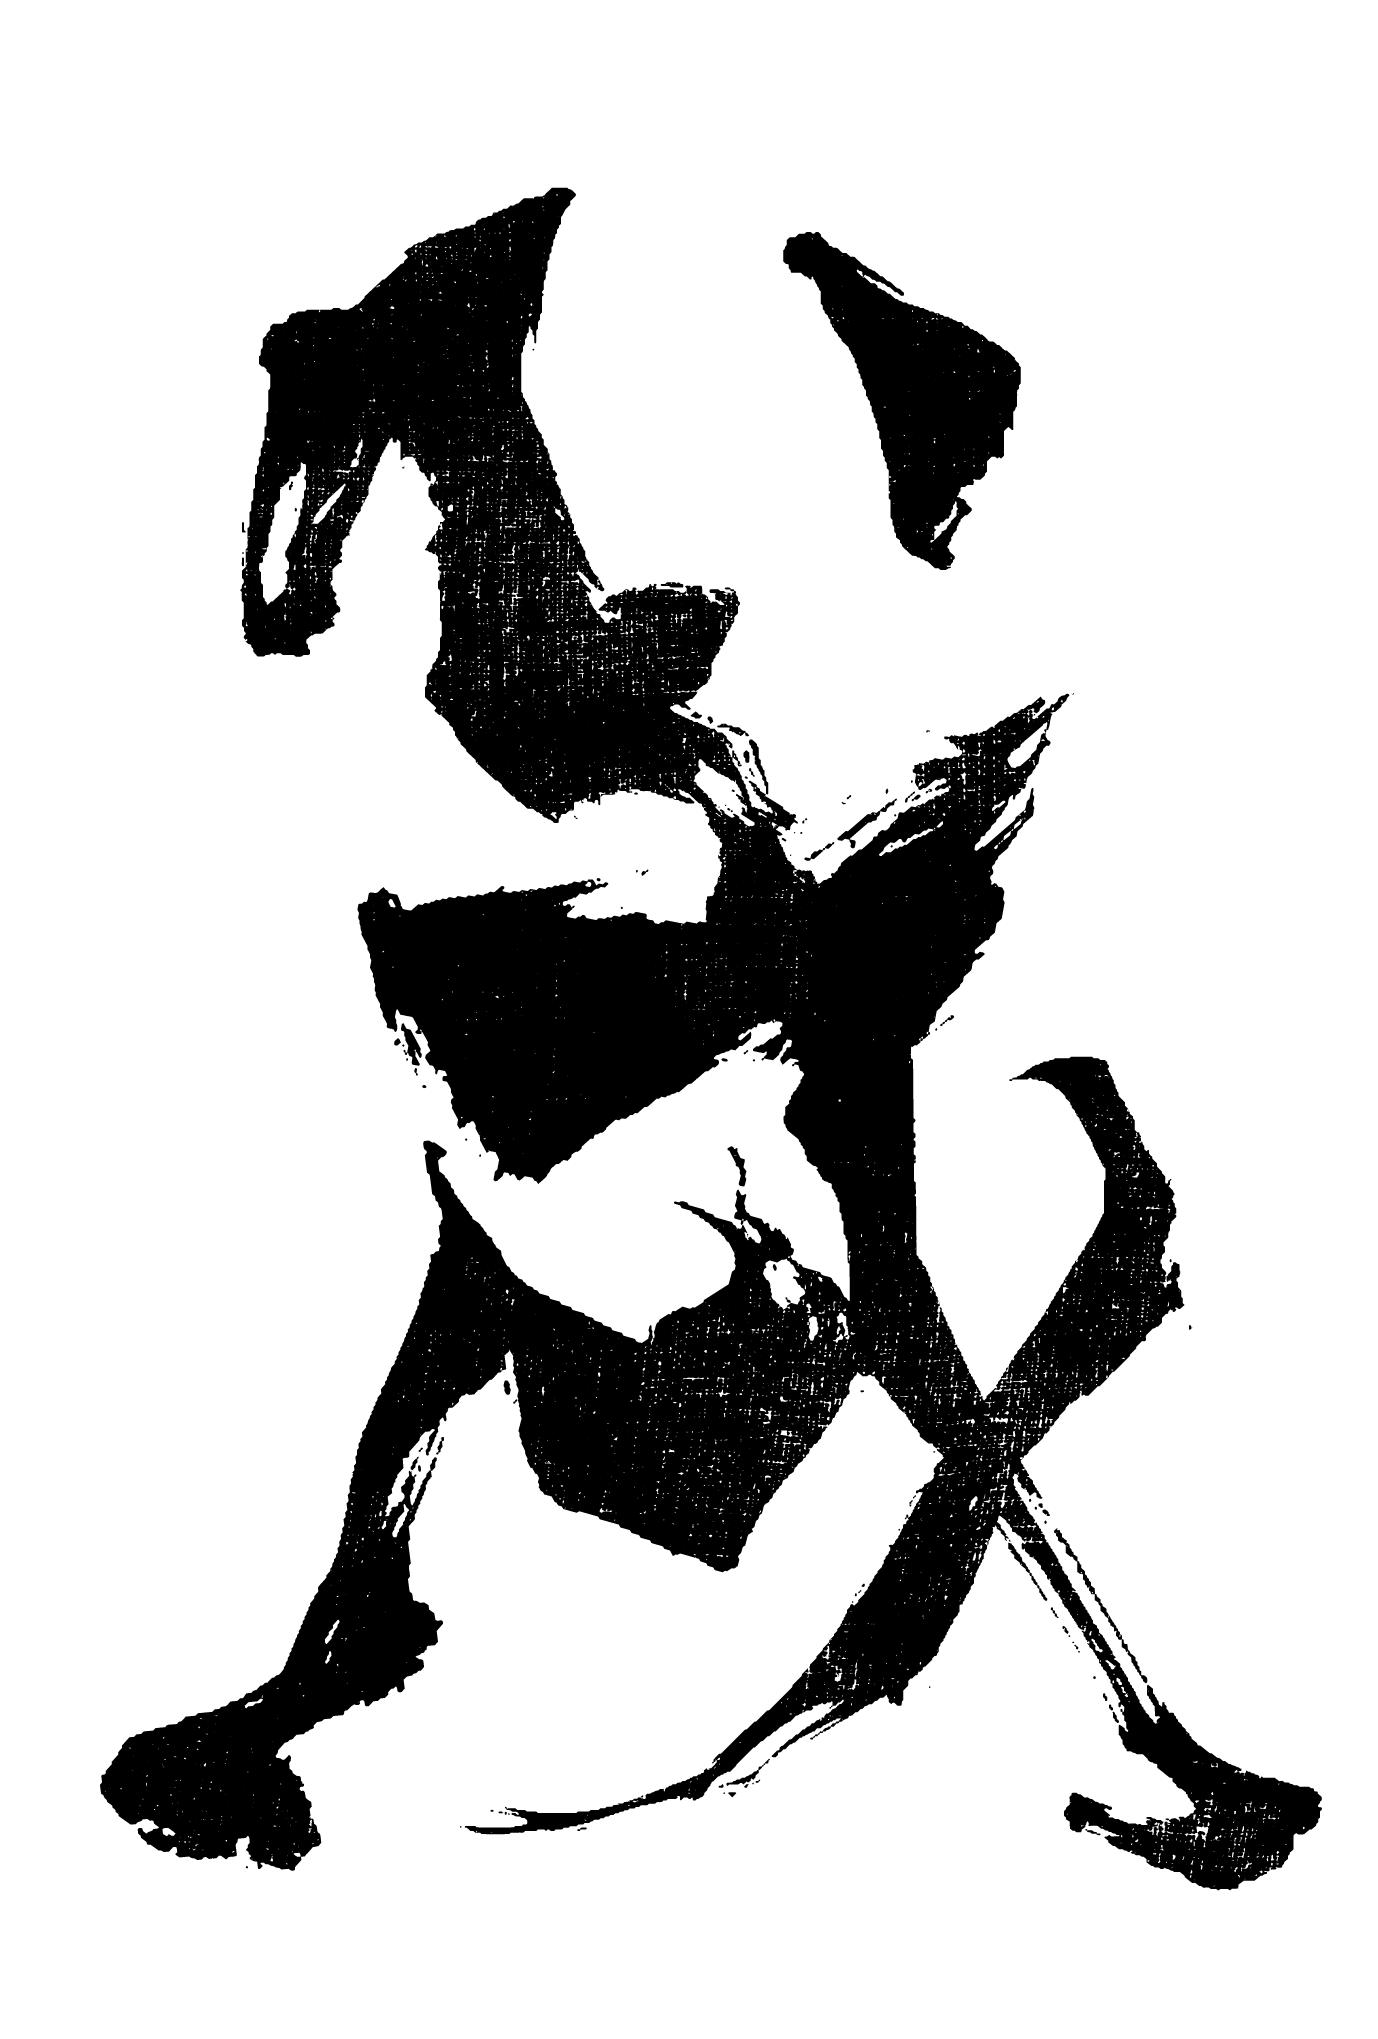 2018年賀状10-3:戌 Calligraphy – A(黒)のダウンロード画像